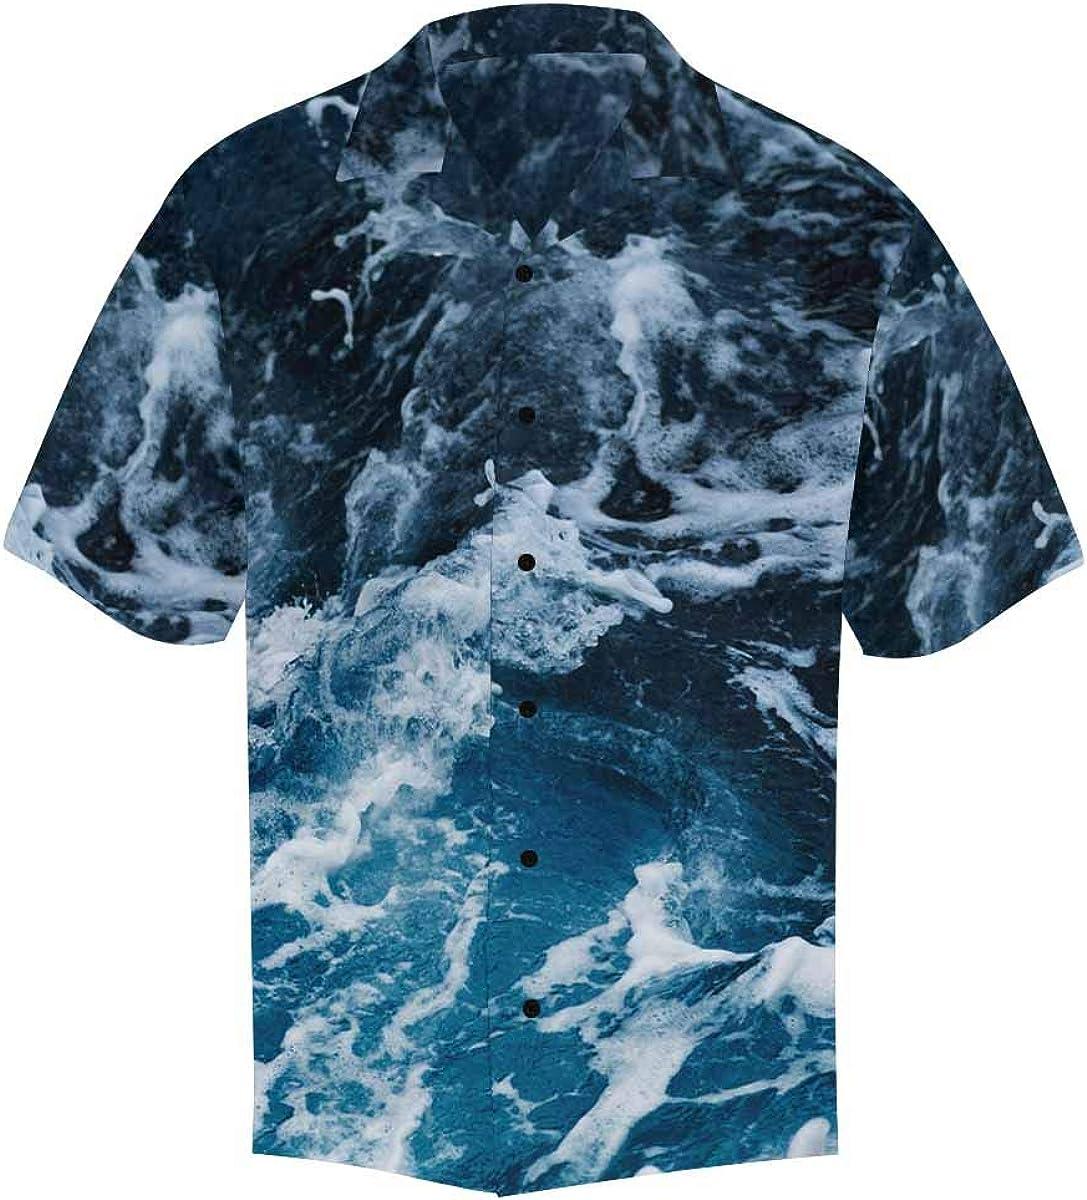 InterestPrint Men's Casual Button Down Short Sleeve Blue Ocean Wave Hawaiian Shirt (S-5XL)